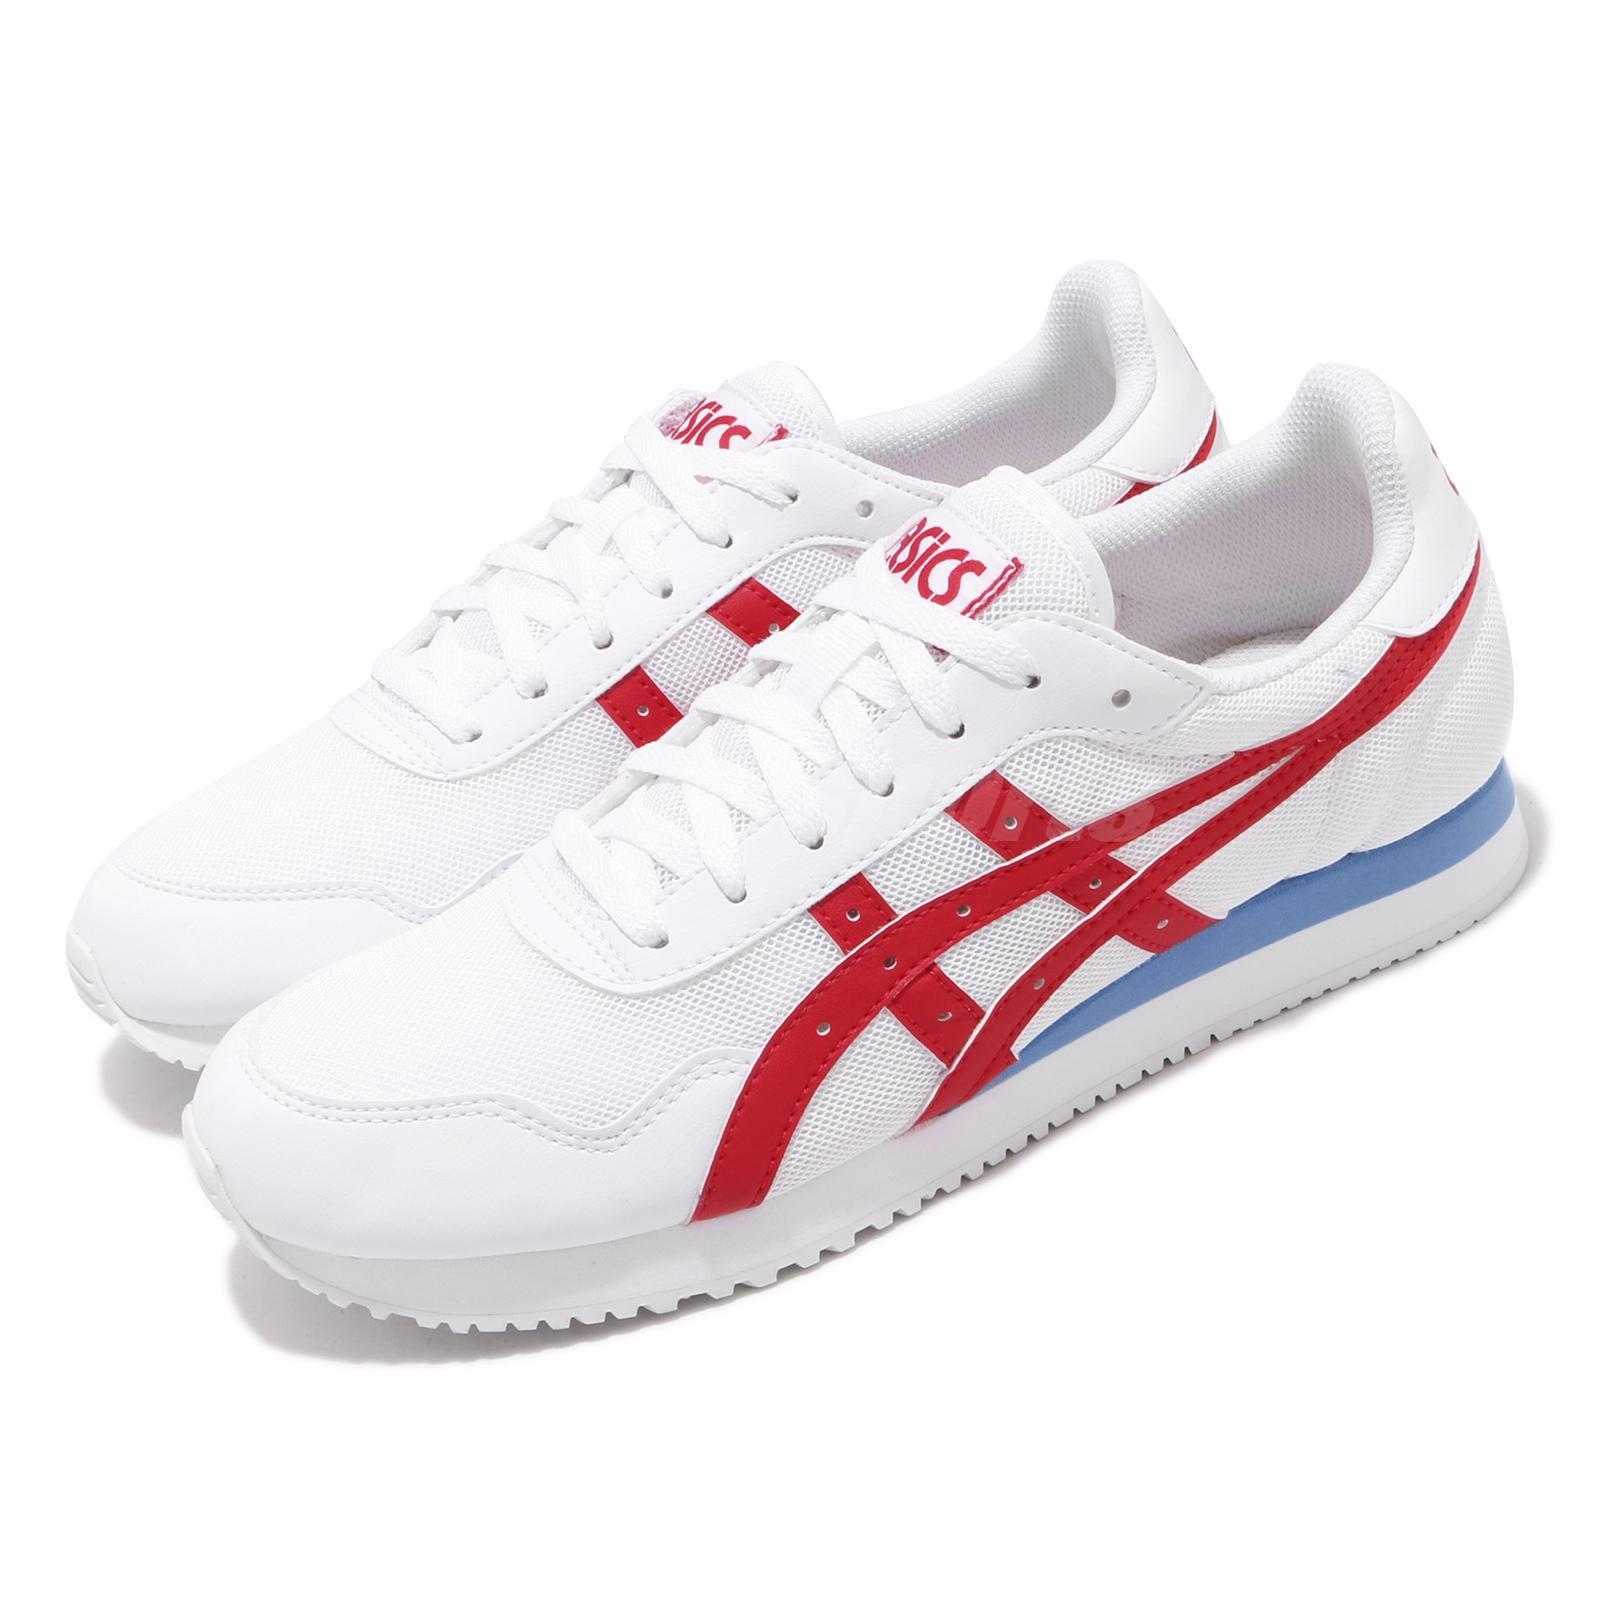 Ecología cesar ramo de flores  Asics Tiger Runner White Red Blue Men Retro Running Shoes Lifestyle  1191A207-04 | eBay